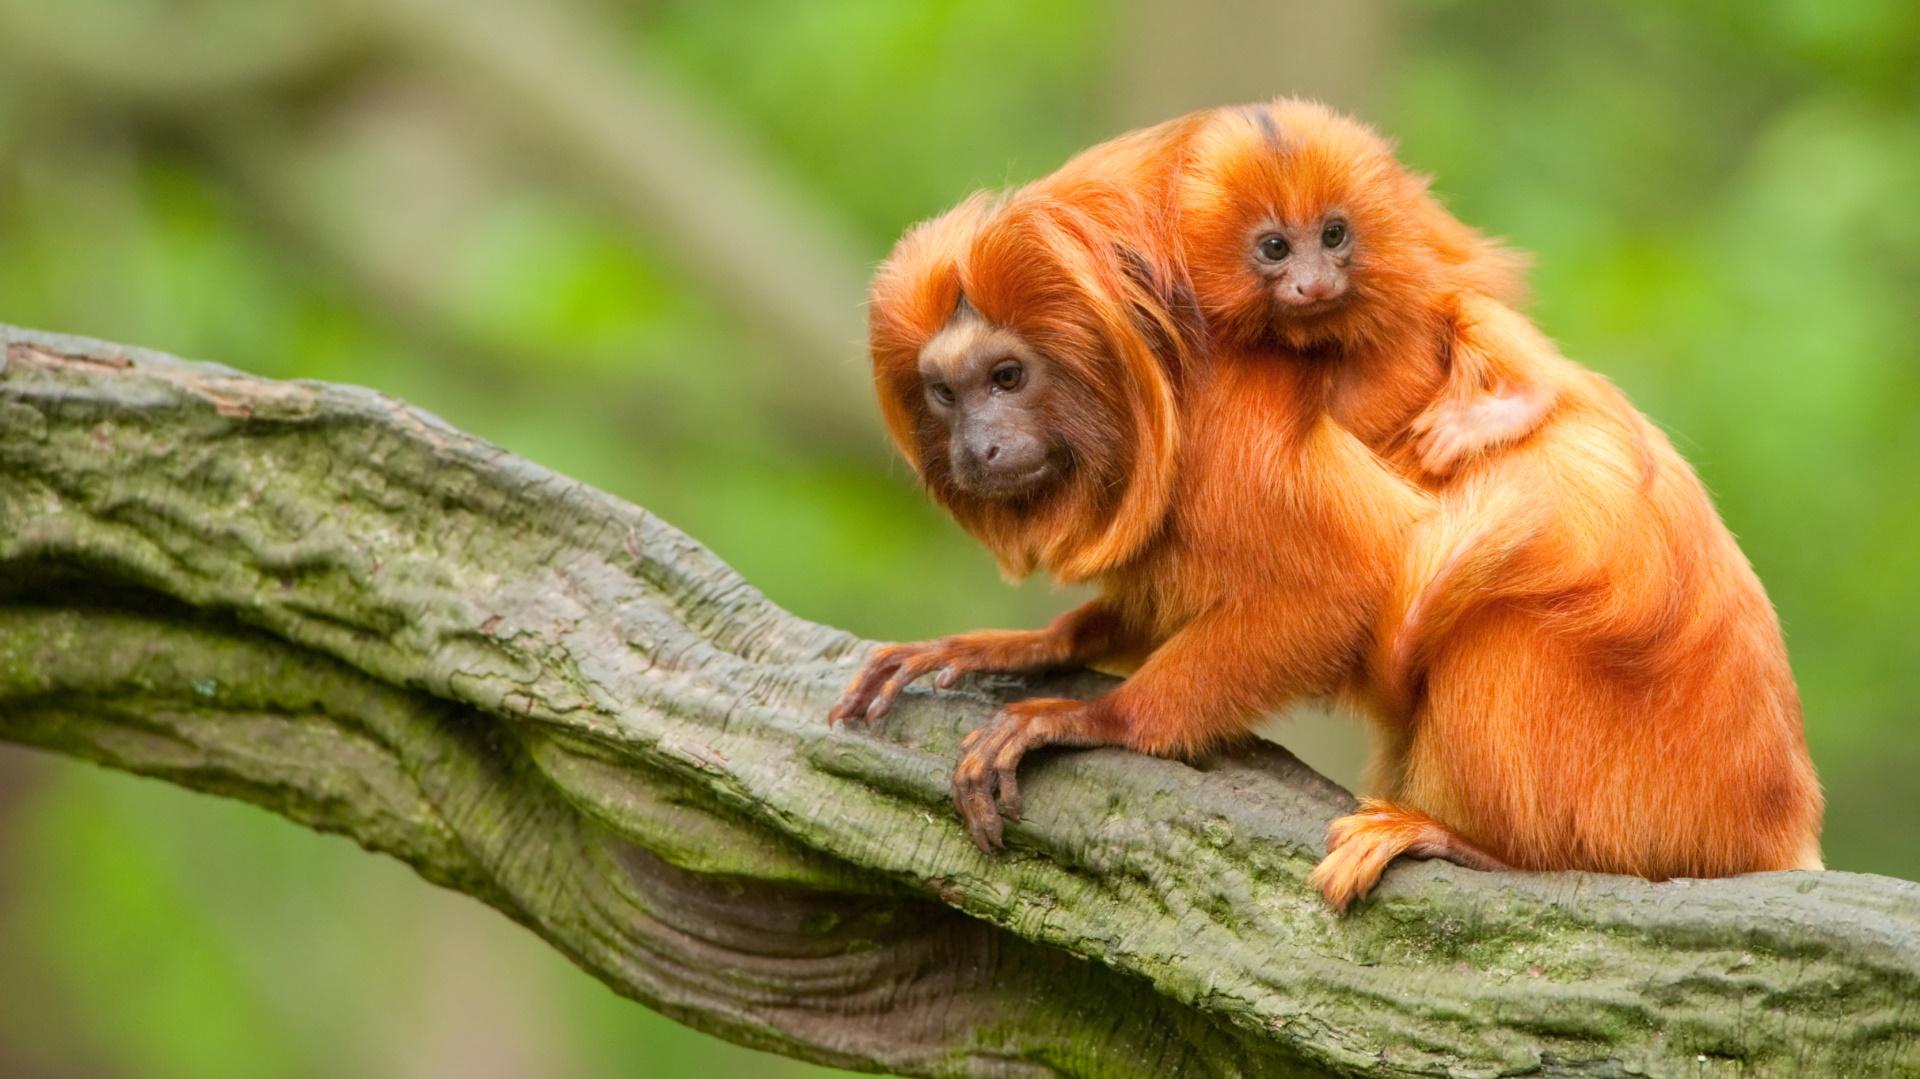 <p><strong>Тамарин &ndash; шведска тройка</strong></p>  <p>Семействата на маймуните тамарин могат да се различават по структурата си, но най-често са от двама мъжки и една женска. Тъй като мъжете се грижат за бебетата, а женската обикновена ражда близнаци, всеки мъжки се грижи за едно бебе.</p>